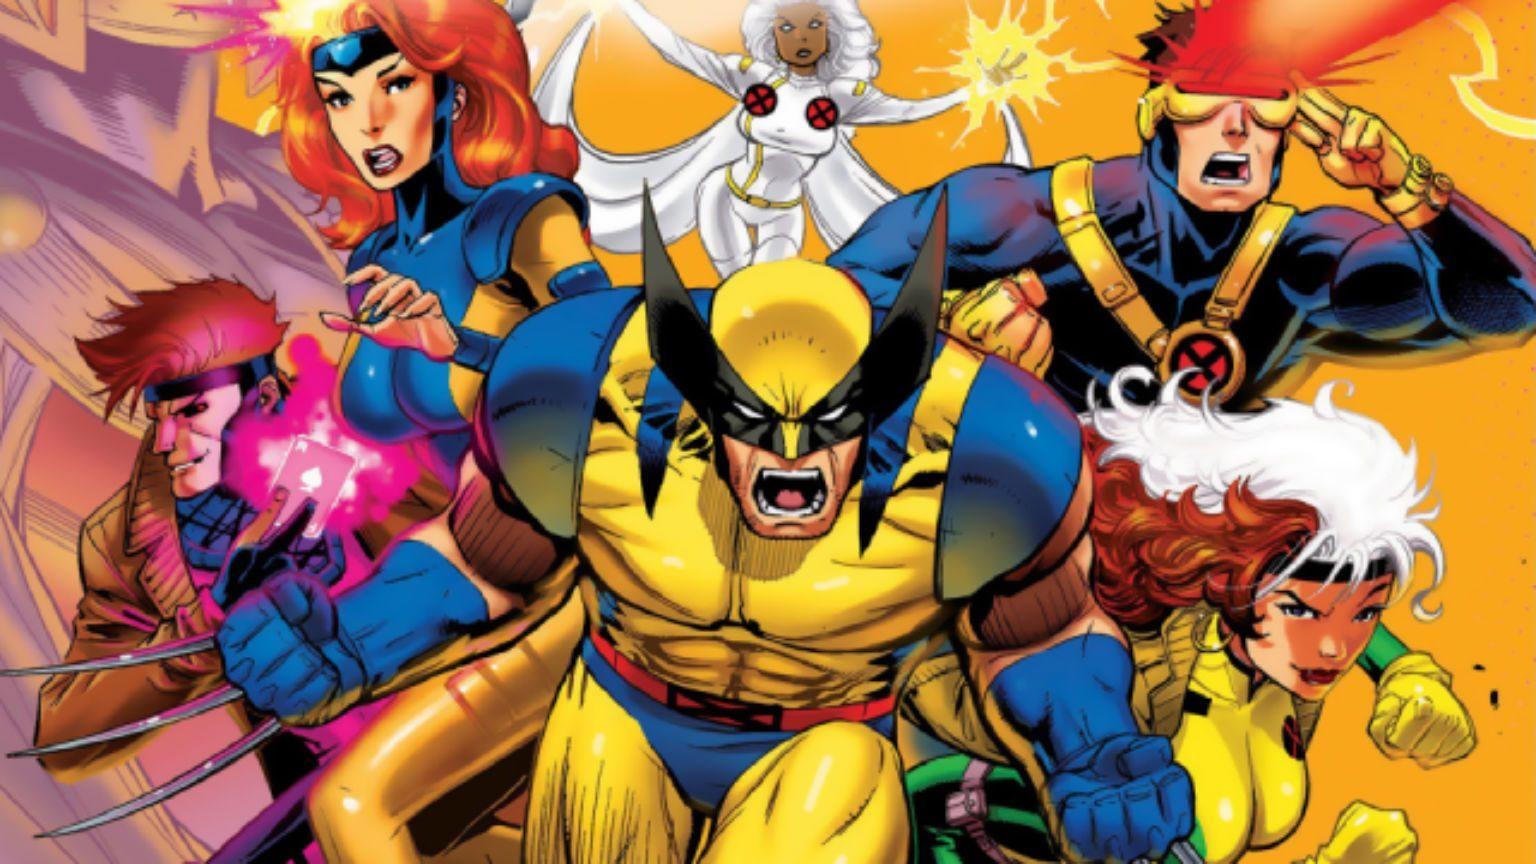 X-Men animated show